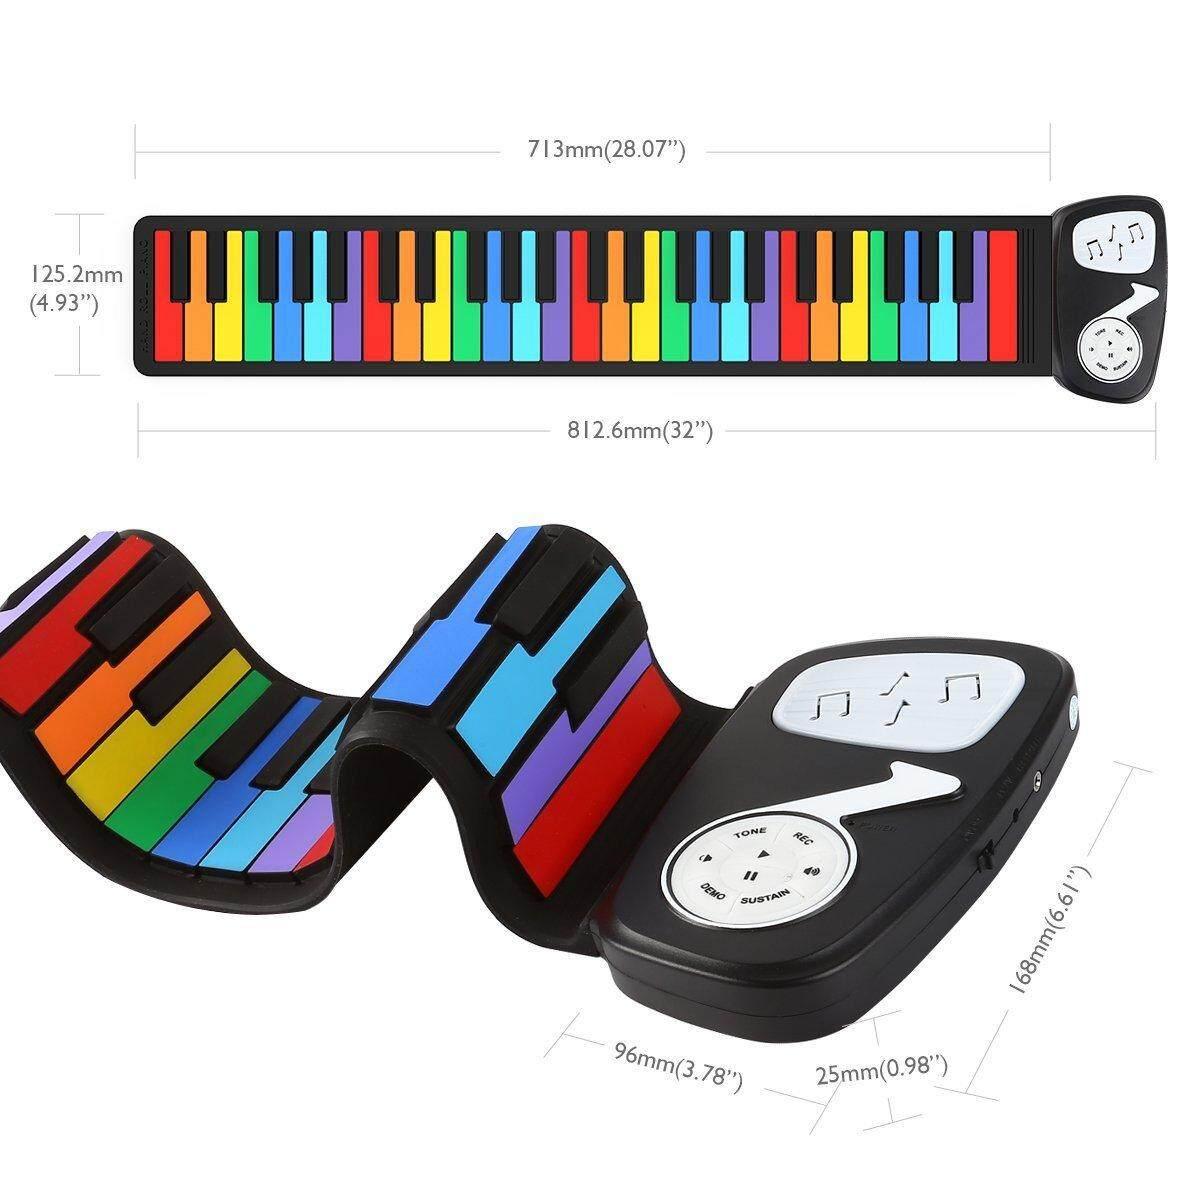 49 คีย์มือม้วนเปียโนกลางแจ้งเครื่องดนตรีไฟฟ้าแป้นพิมพ์ซิลิโคนเปียโนไฟฟ้า Rainbow Hand ม้วนเปียโน - Intl.